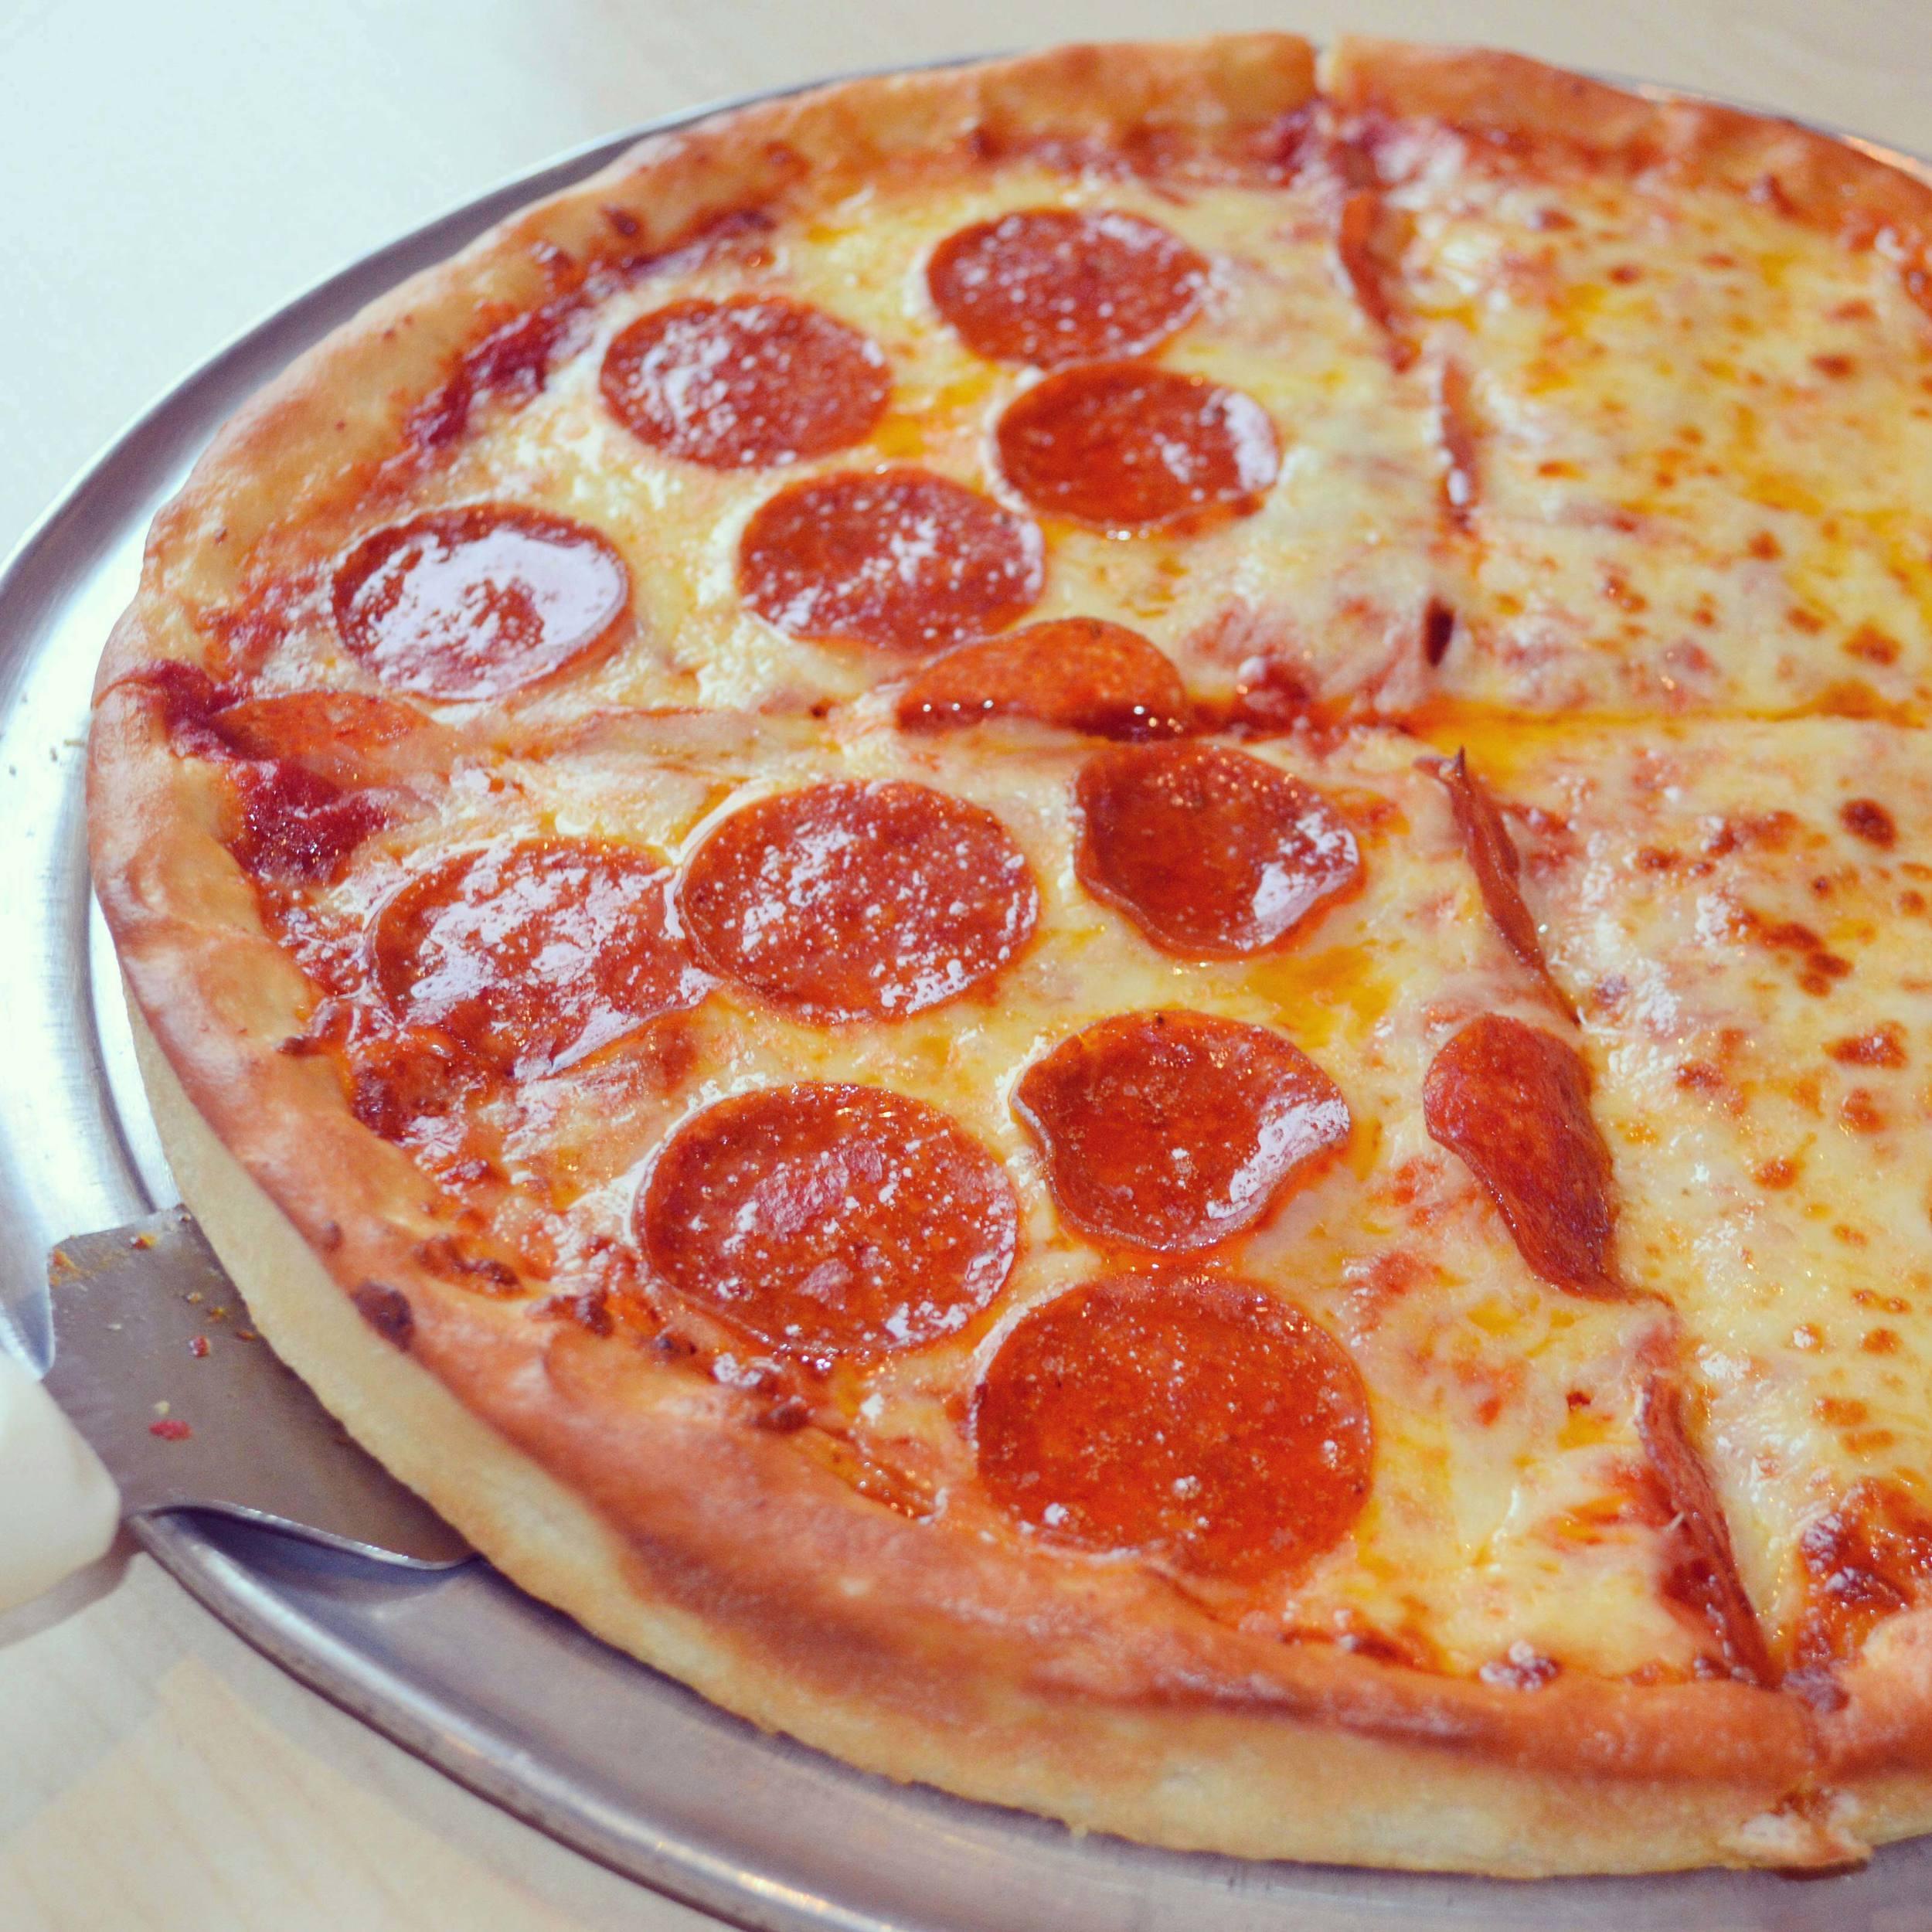 Kent's Premier Pizza